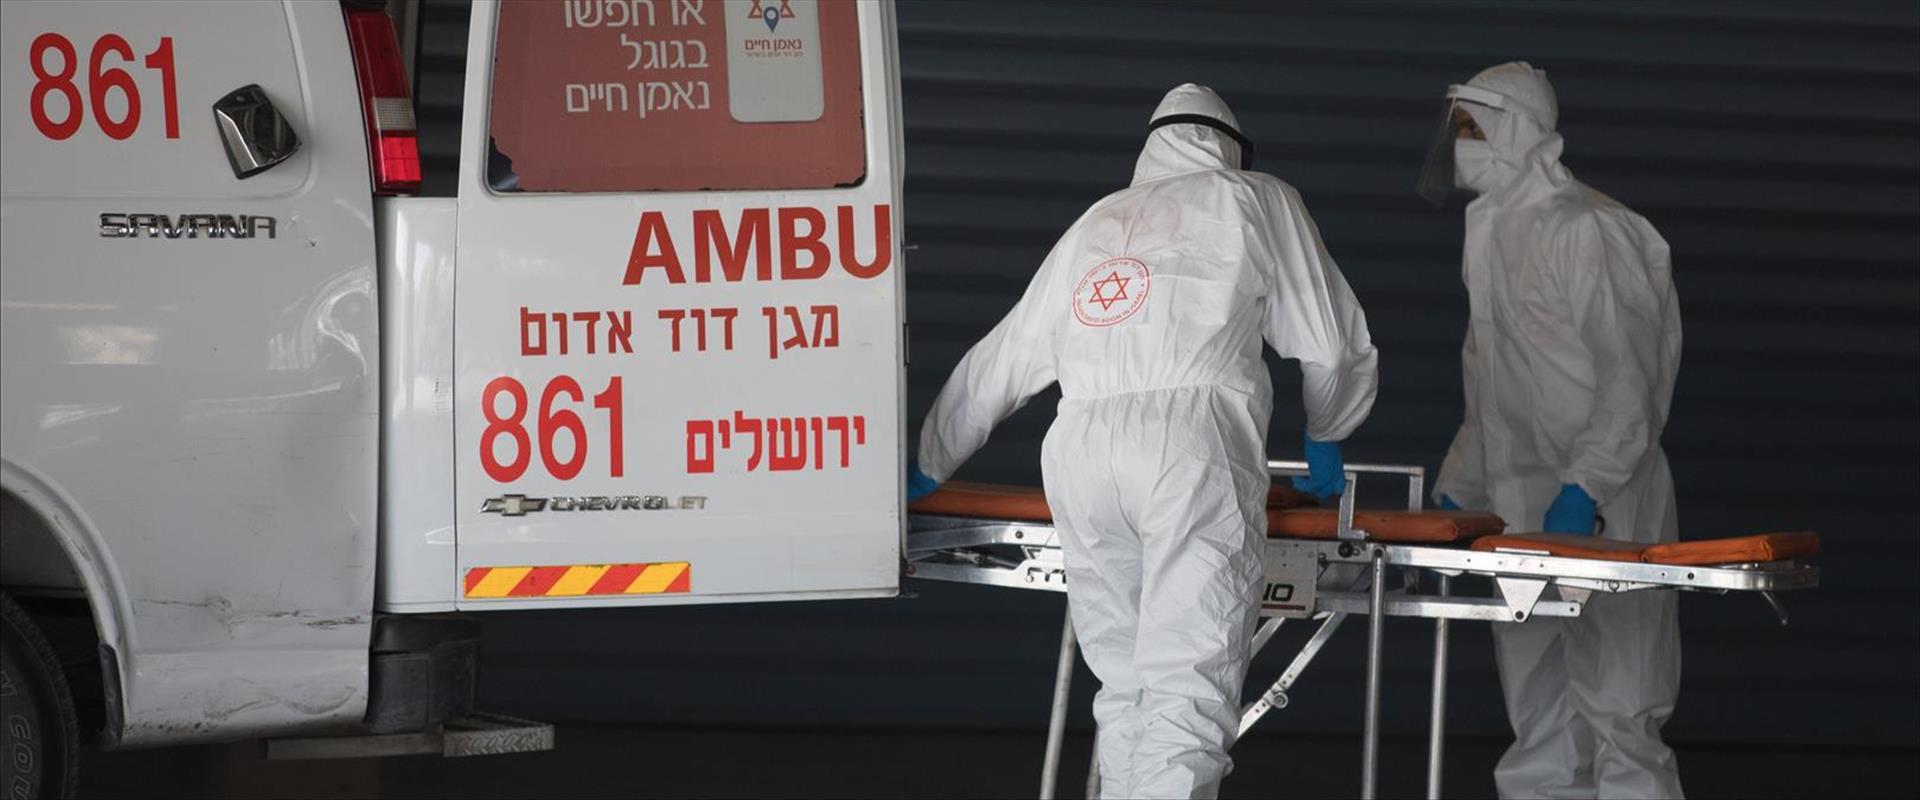 בית החולים שערי צדק בירושלים, היום